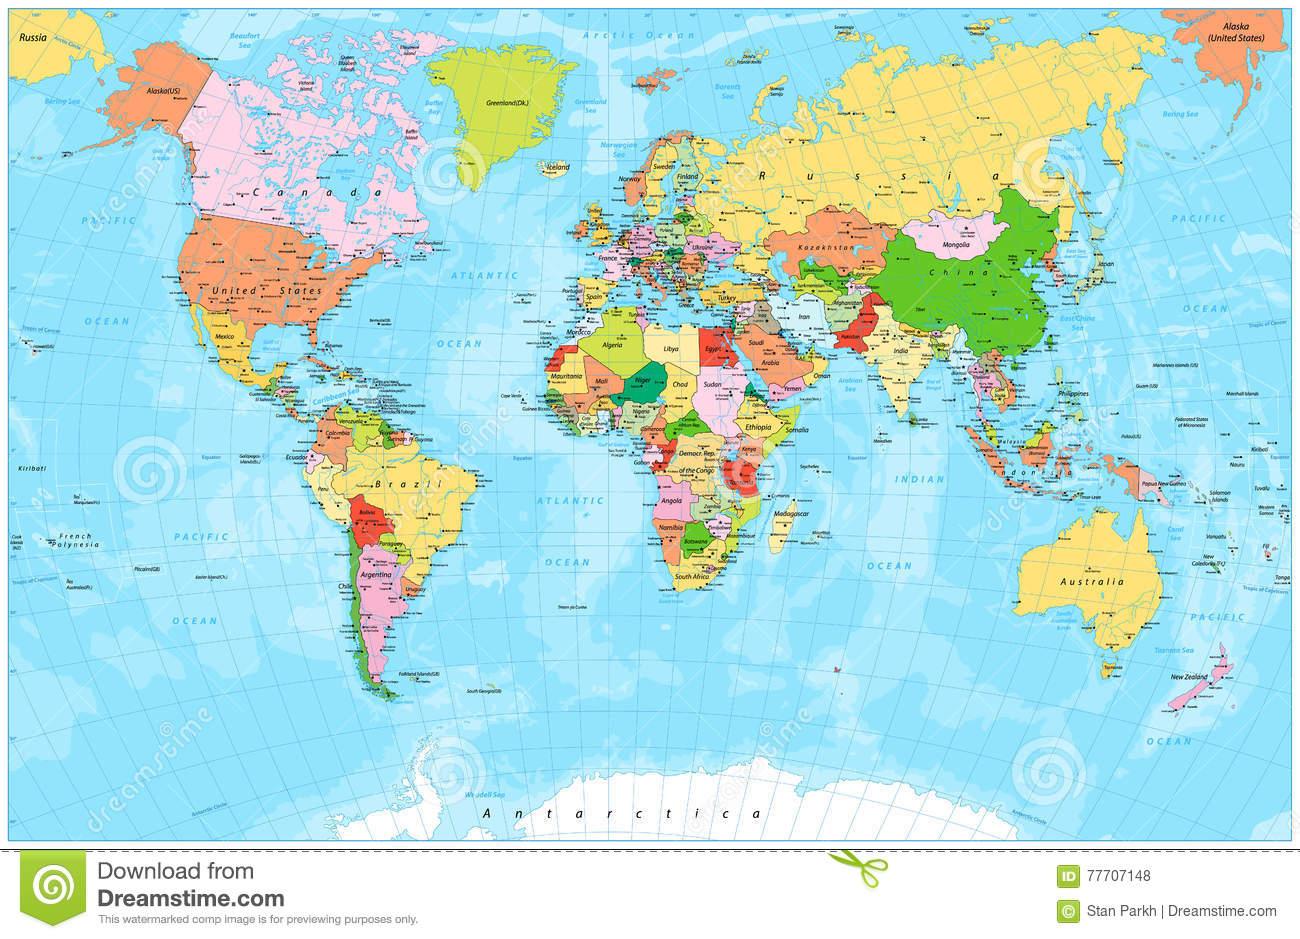 Ausführliche Politische Weltkarte Mit Hauptstädten, Flüssen bestimmt für Weltkarte Mit Hauptstädten